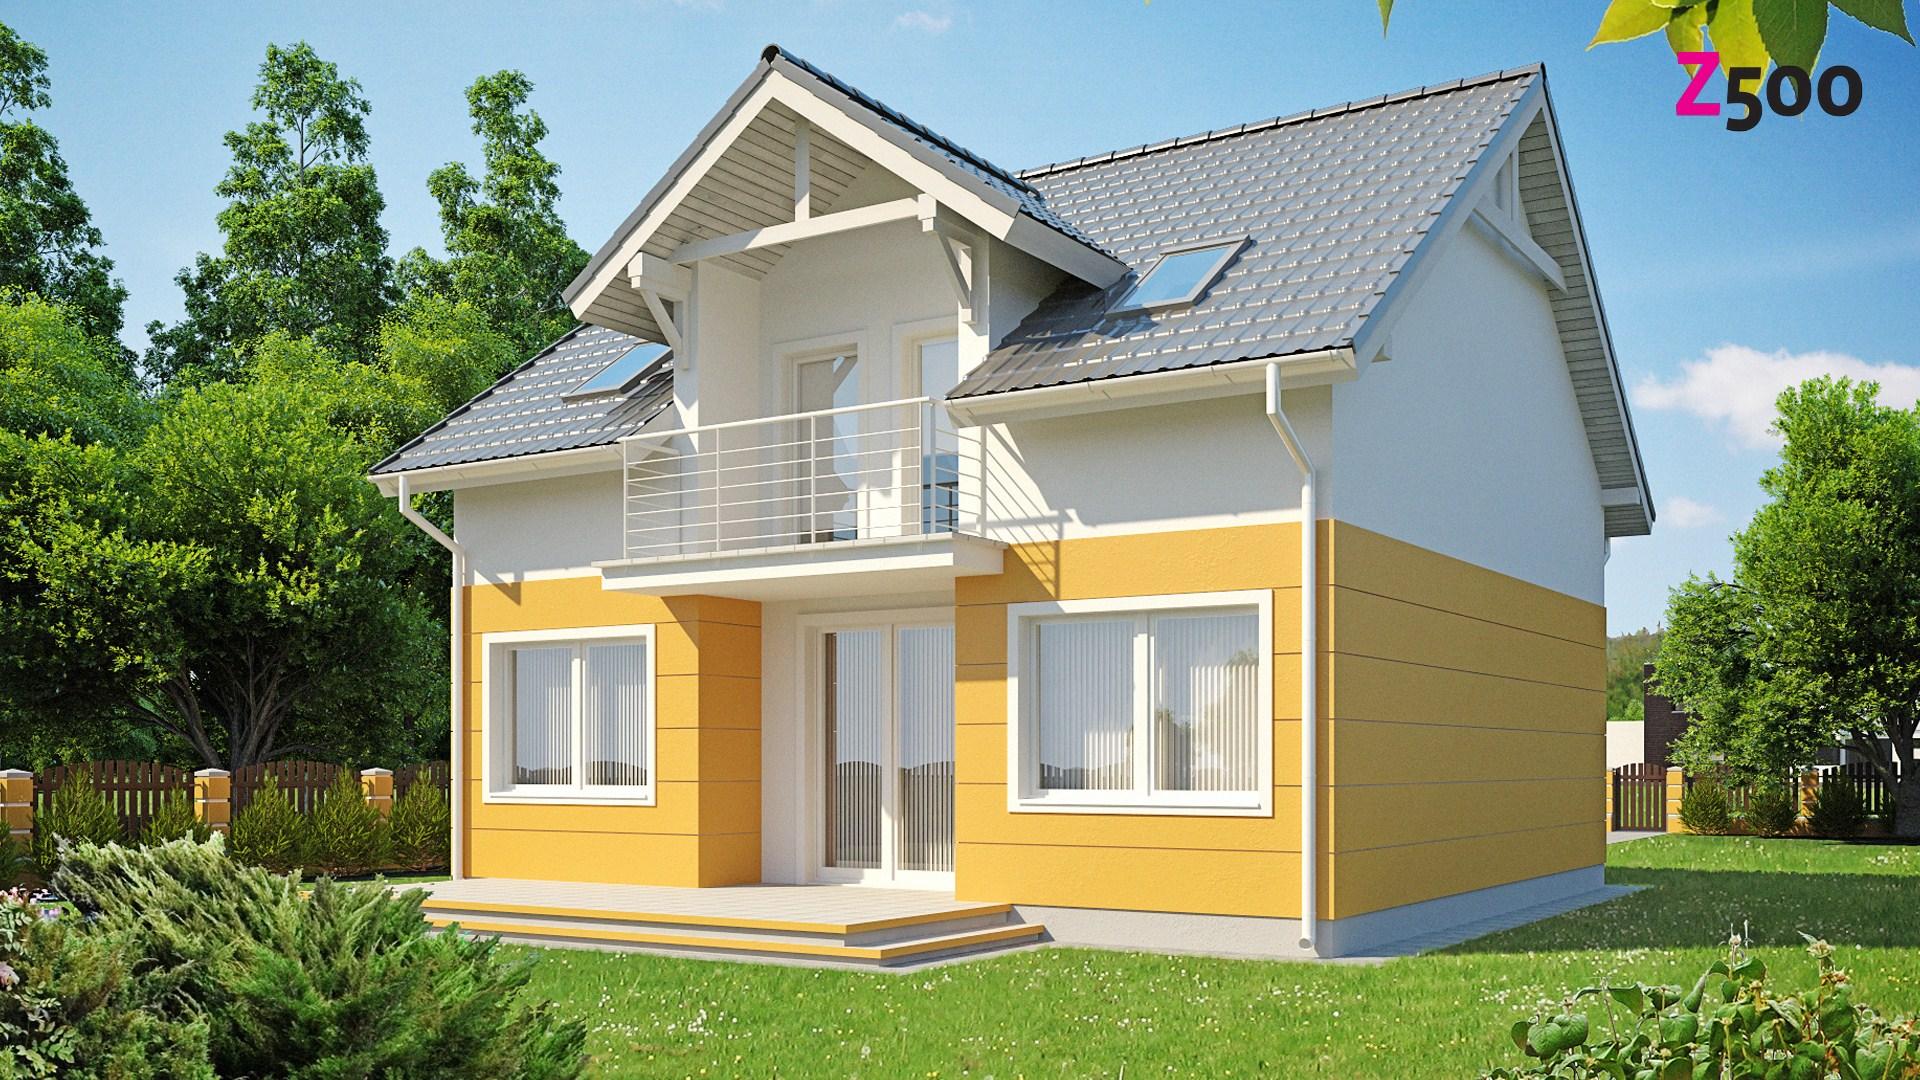 Проект двухэтажного дома дд- 13.